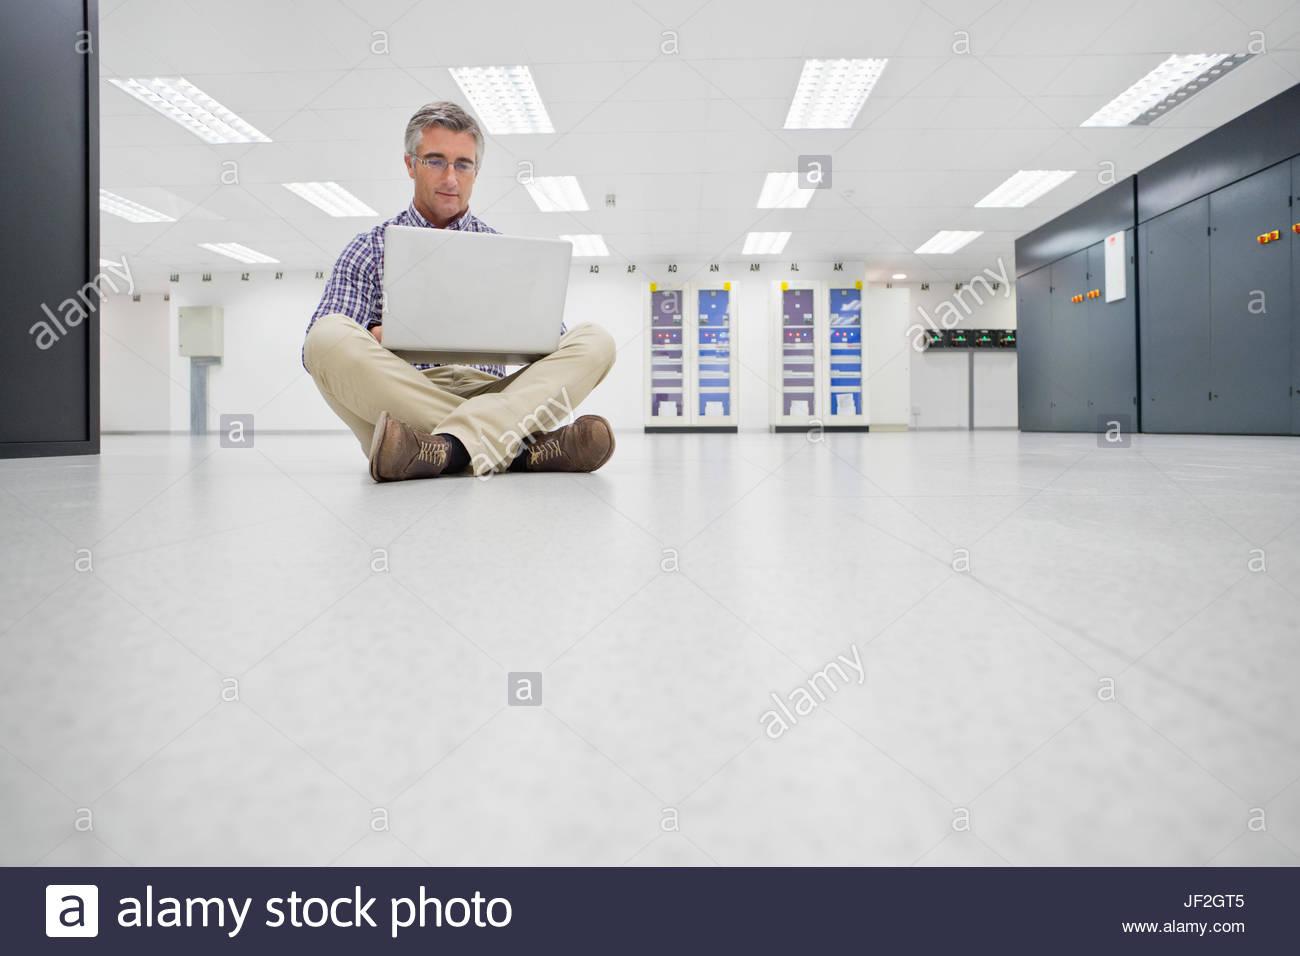 Techniker sitzen am Boden Laptop arbeiten im Rechenzentrum Stockbild